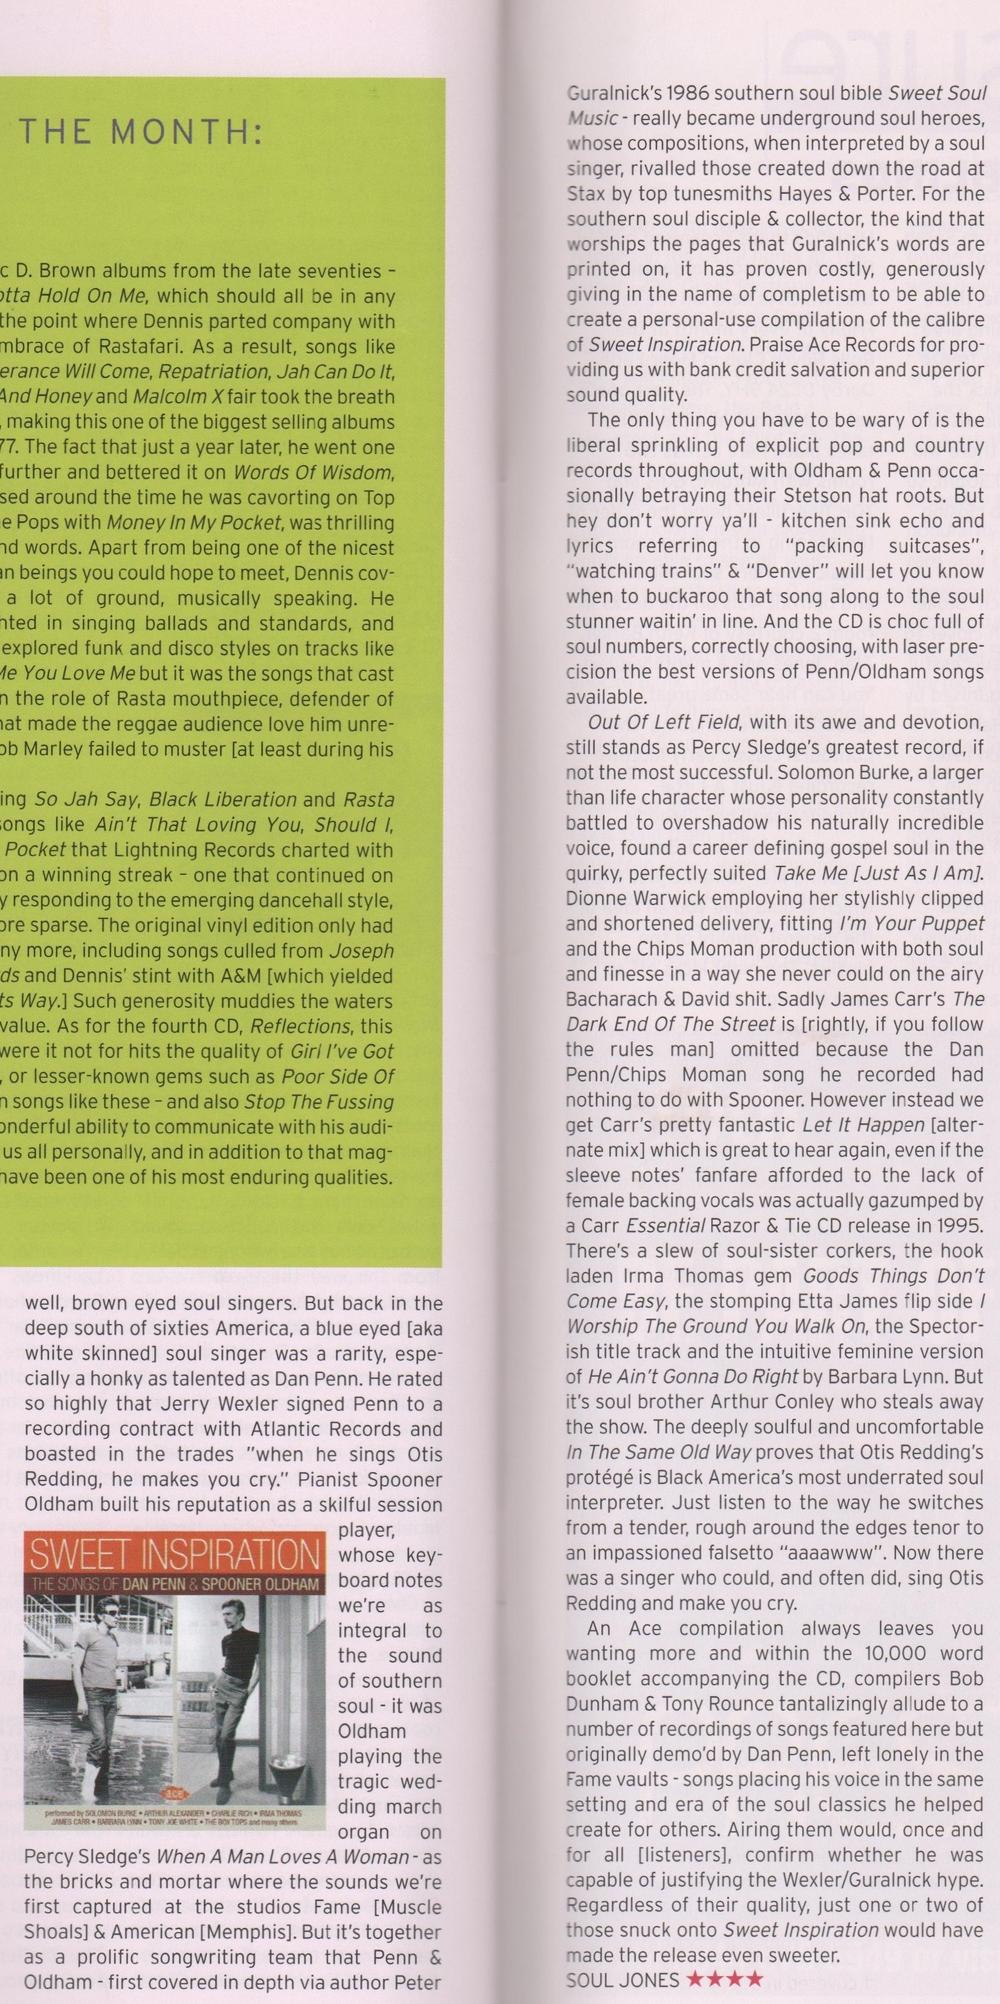 Echoes Magazine Mar 2011